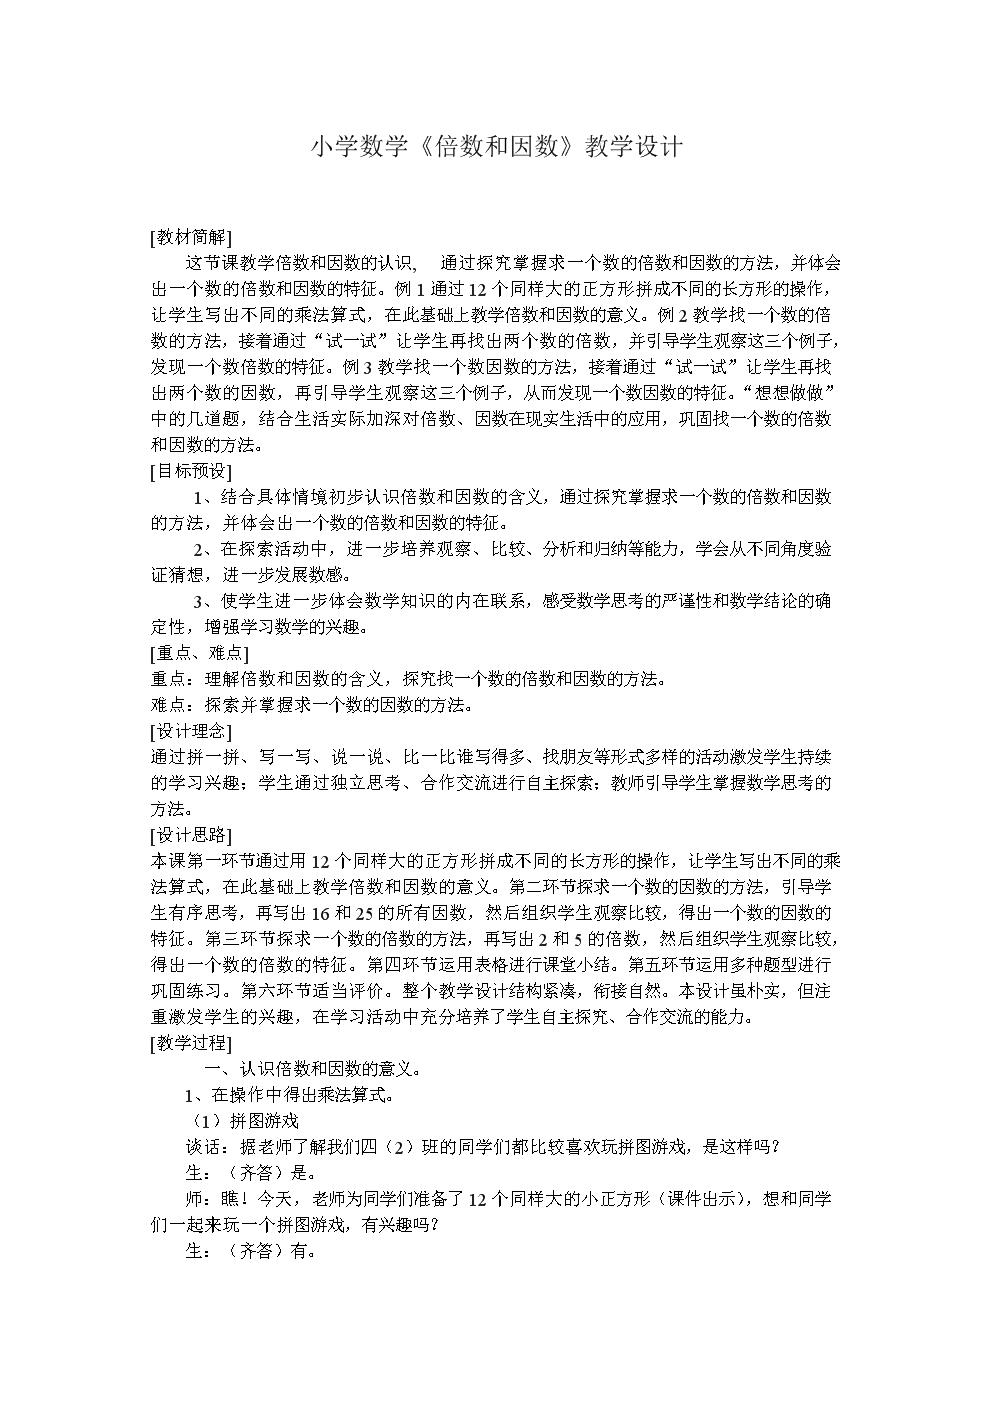 五年级下册数学教案 -1.1 倍数与因数 ︳西师大版.doc